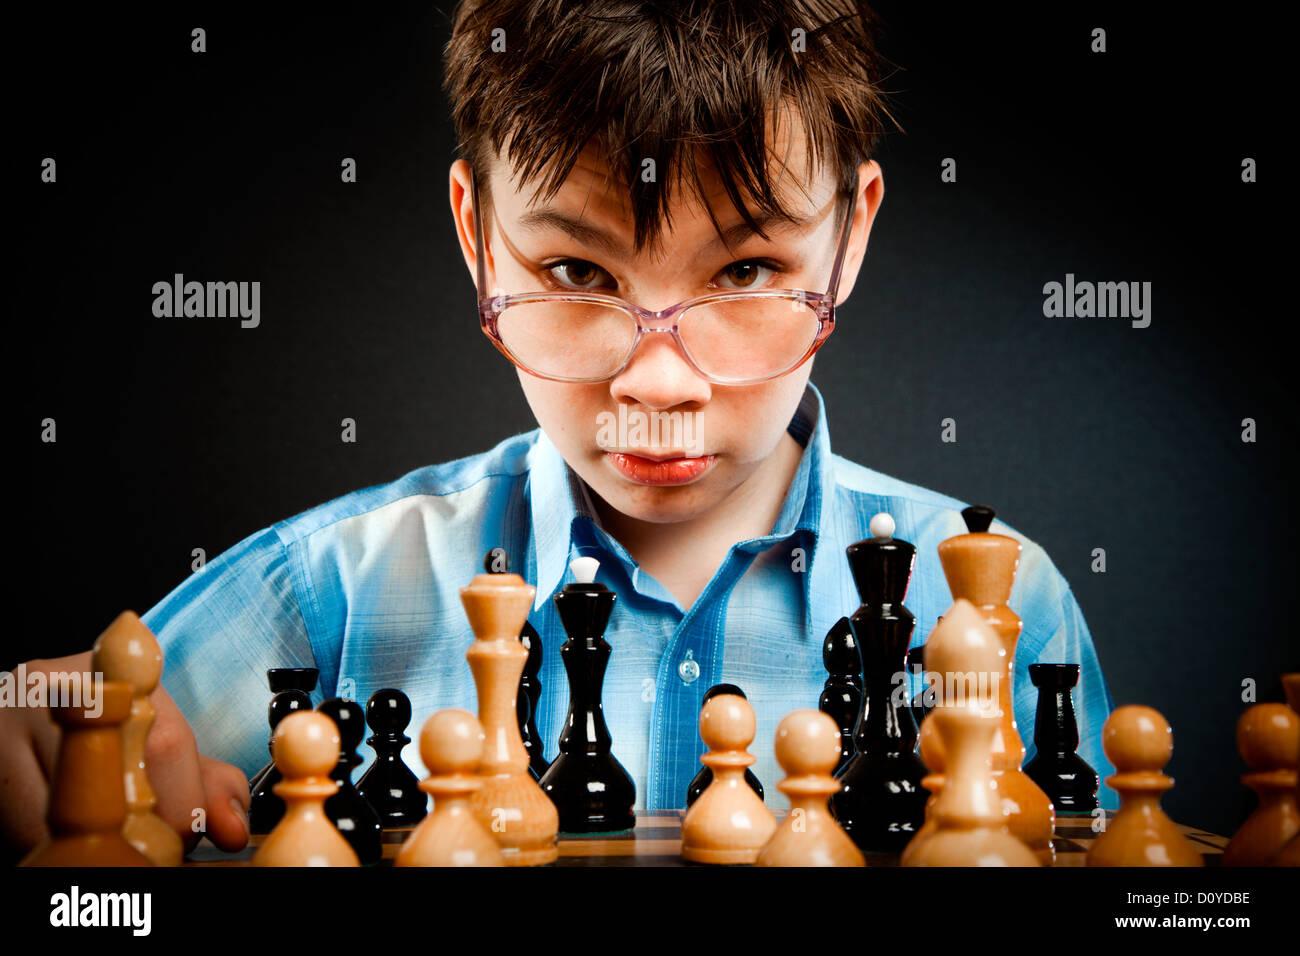 Wunderkind jouer aux échecs Banque D'Images